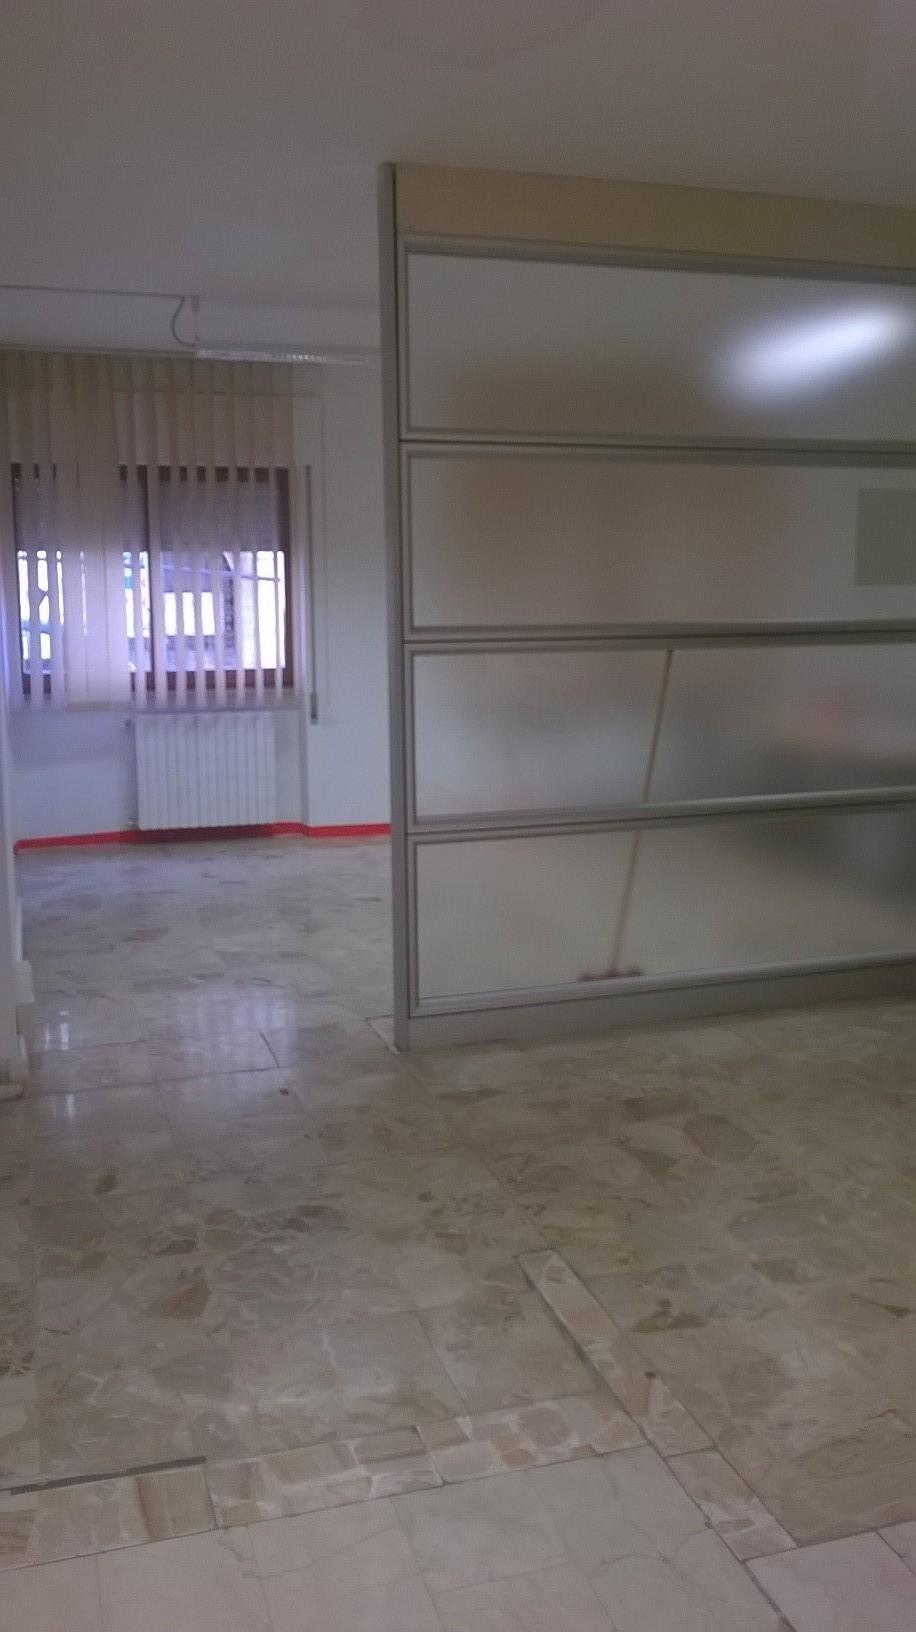 Agriturismo in affitto a Teramo, 3 locali, zona Zona: Centro , prezzo € 450 | Cambio Casa.it